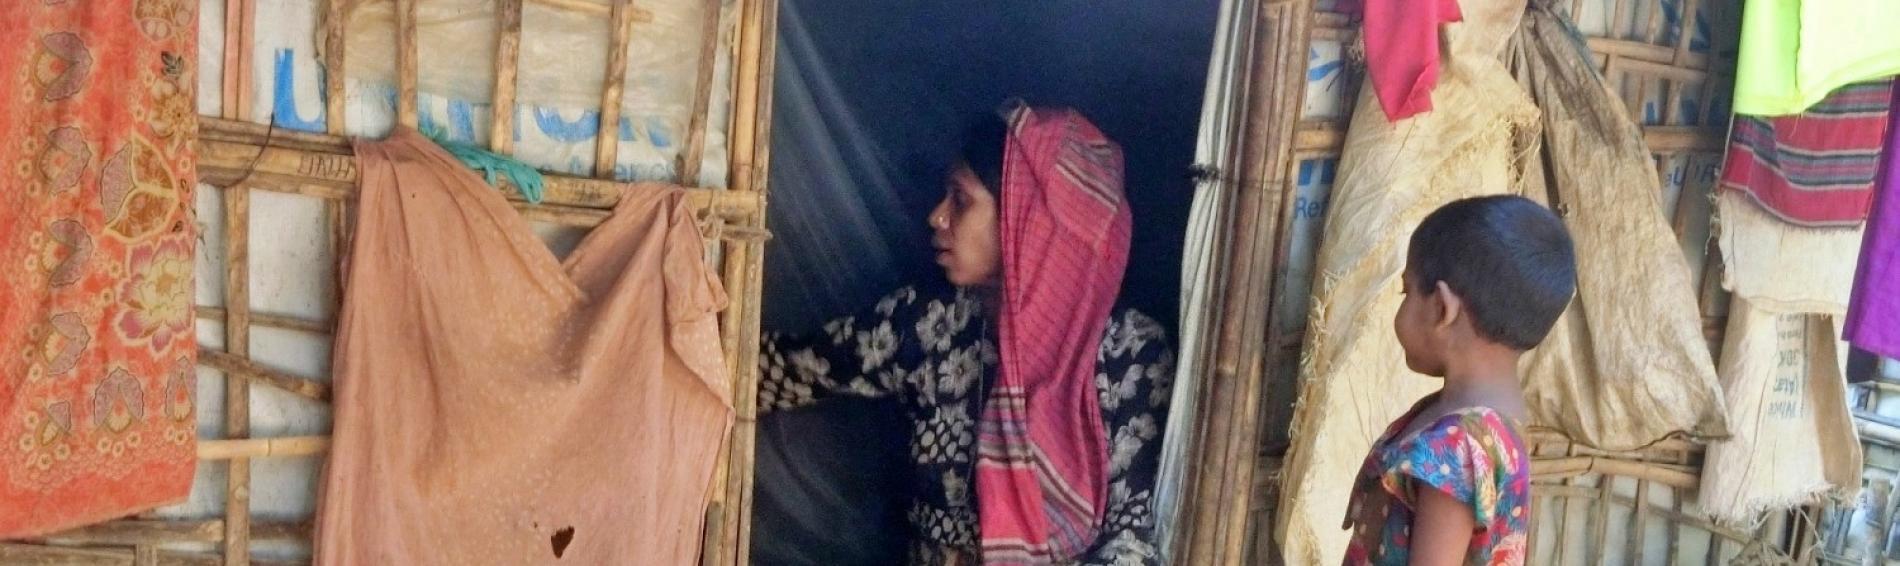 Hütte im Flüchtlingslager Kutupalong, in Bangladesch